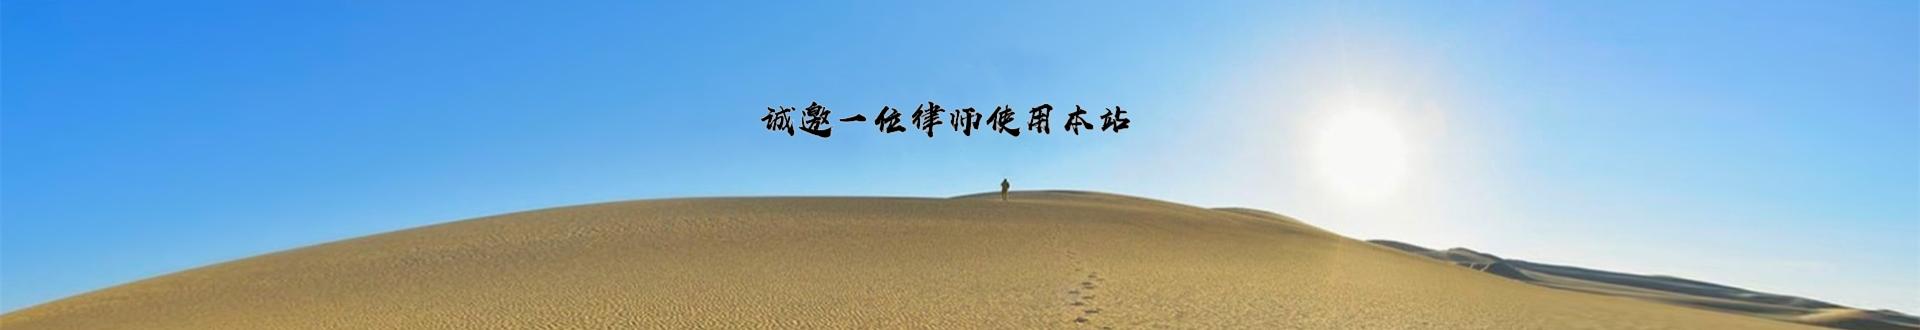 南京离婚律师网6